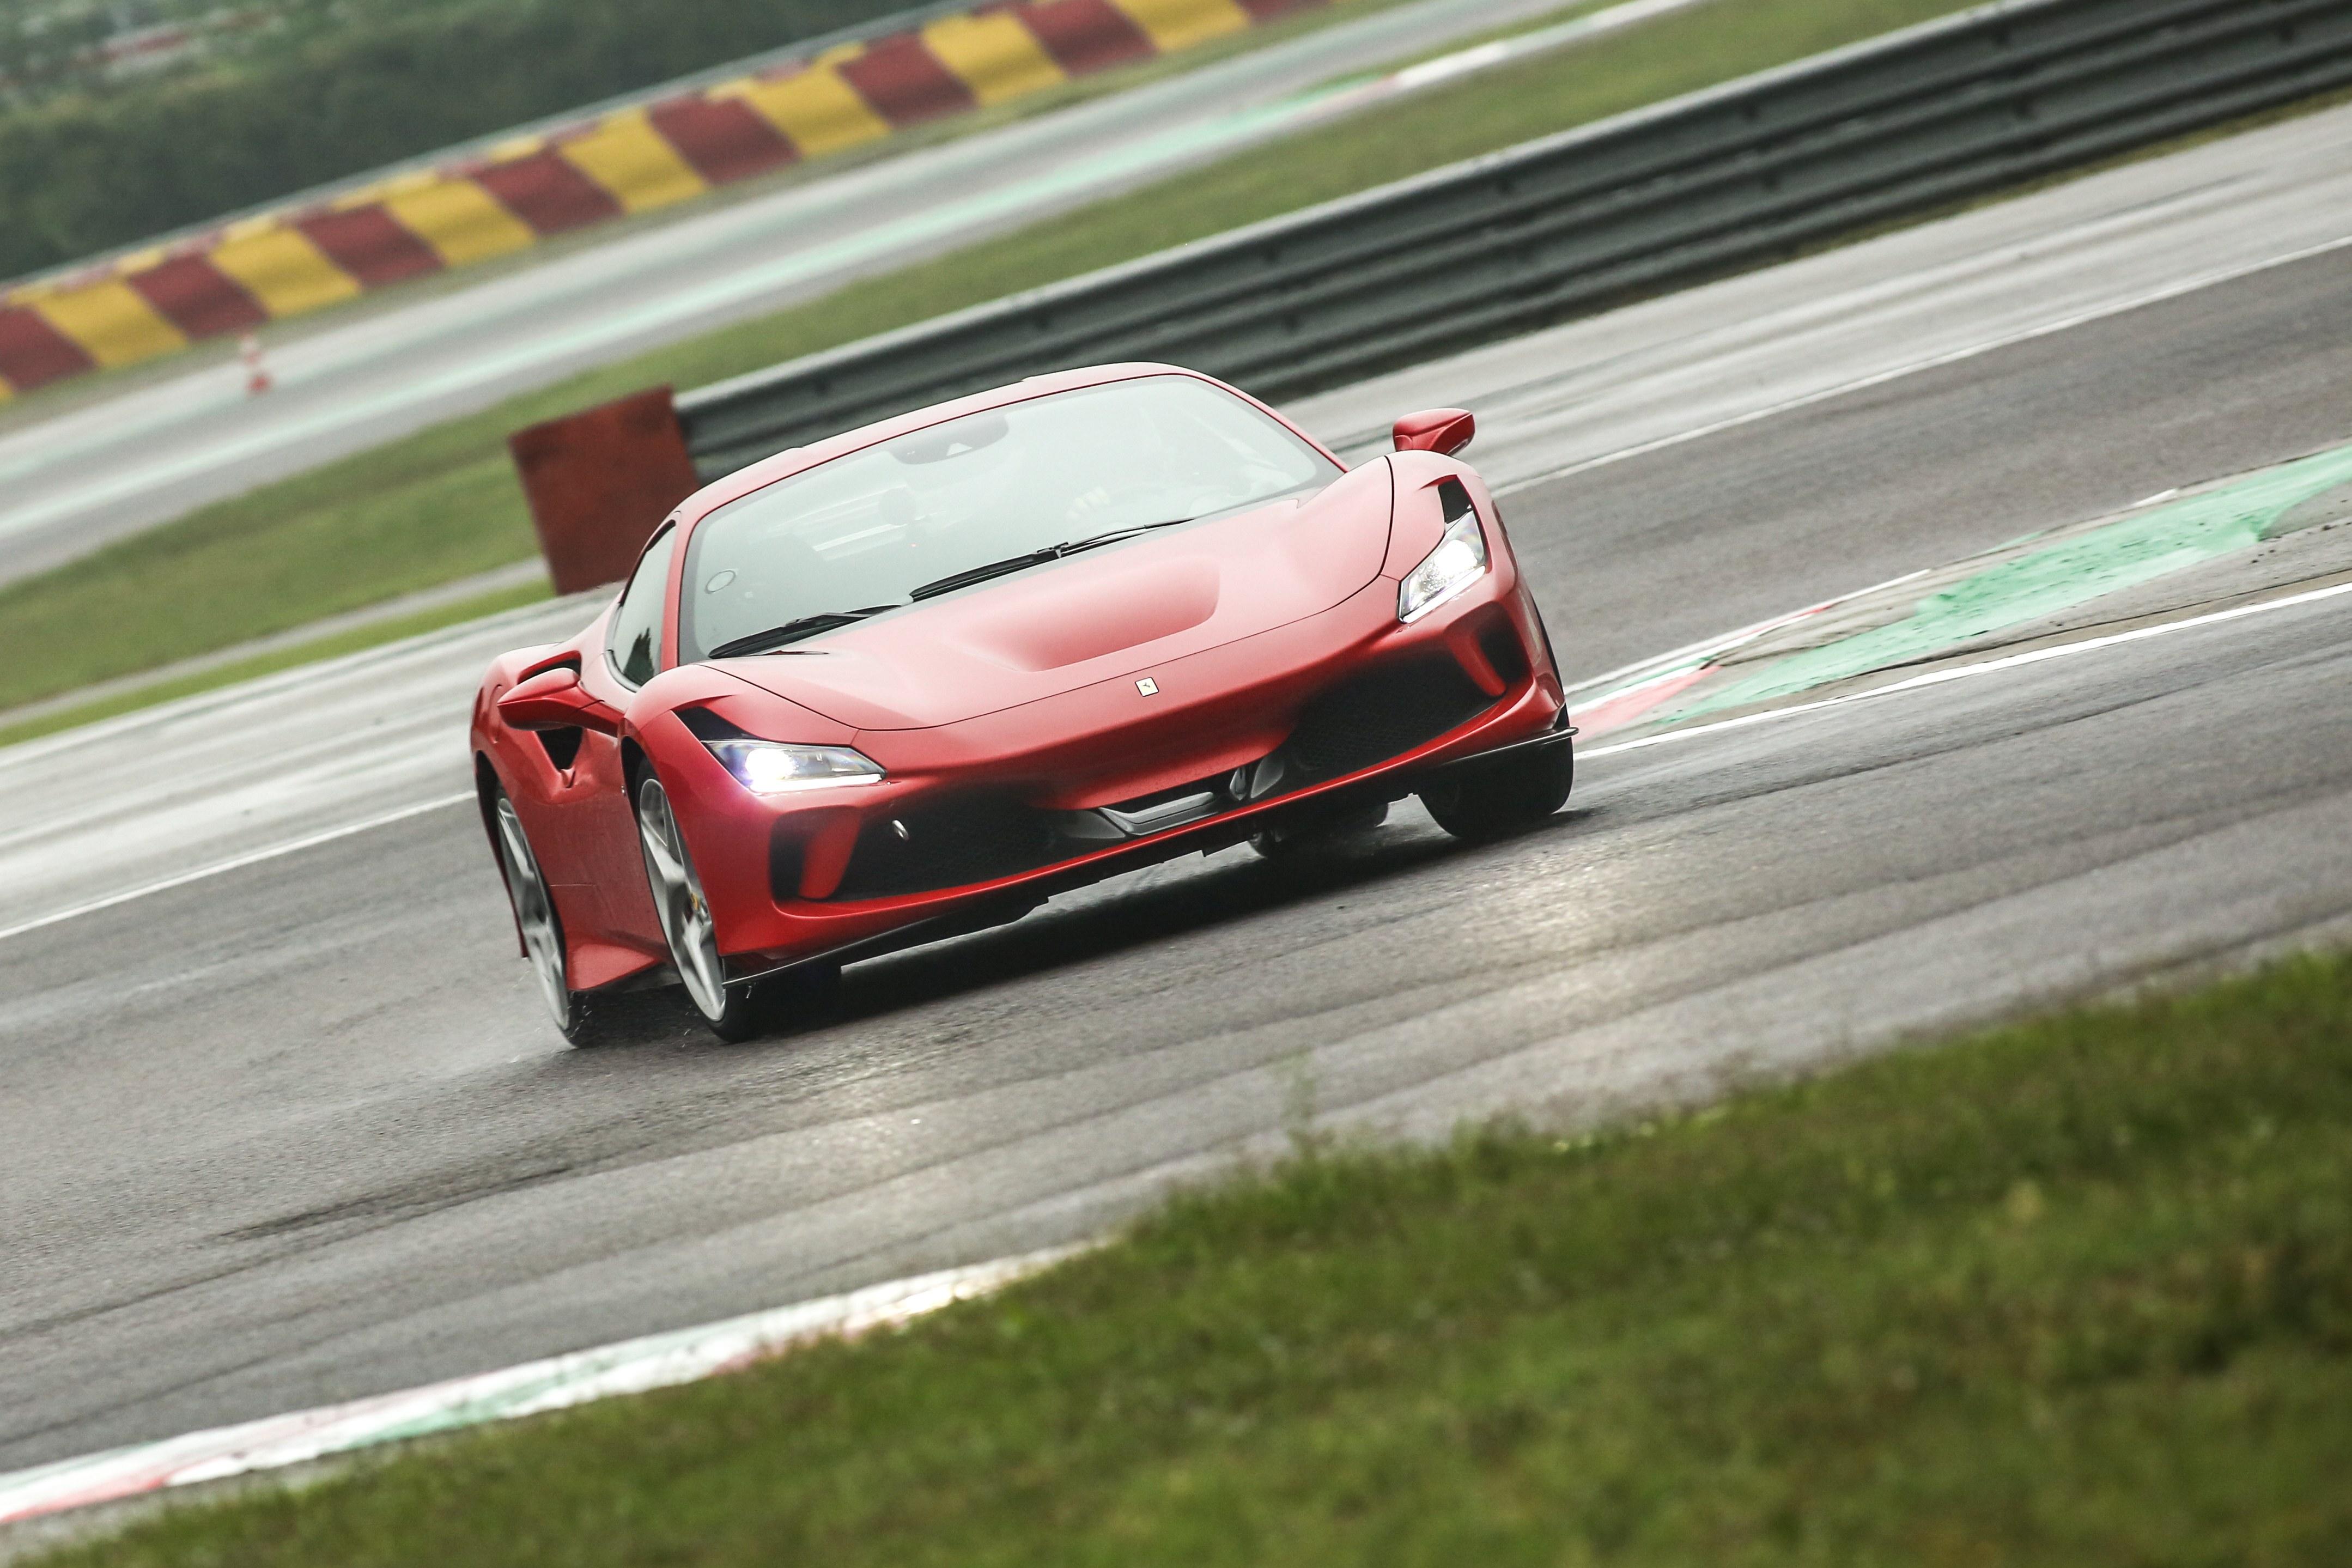 フェラーリのV8スポーツはここまで進化した! F8 トリブート試乗記